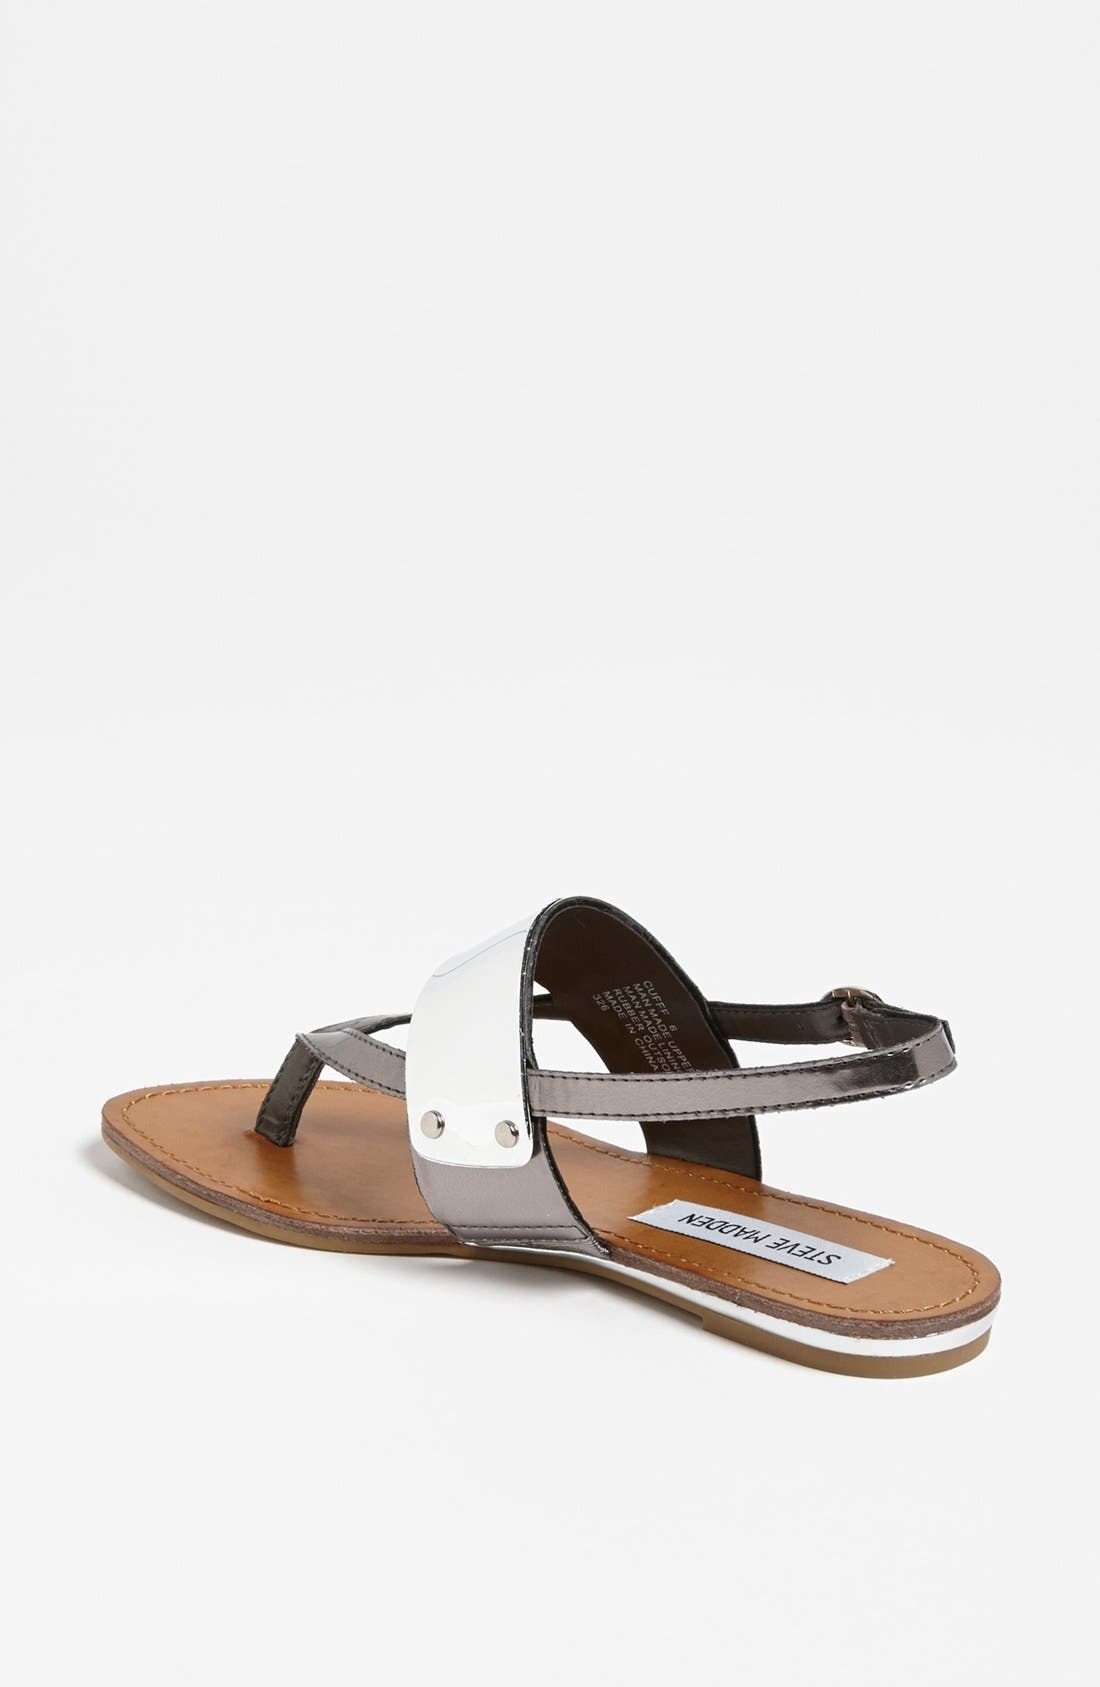 Alternate Image 2  - Steve Madden 'Cufff' Sandal